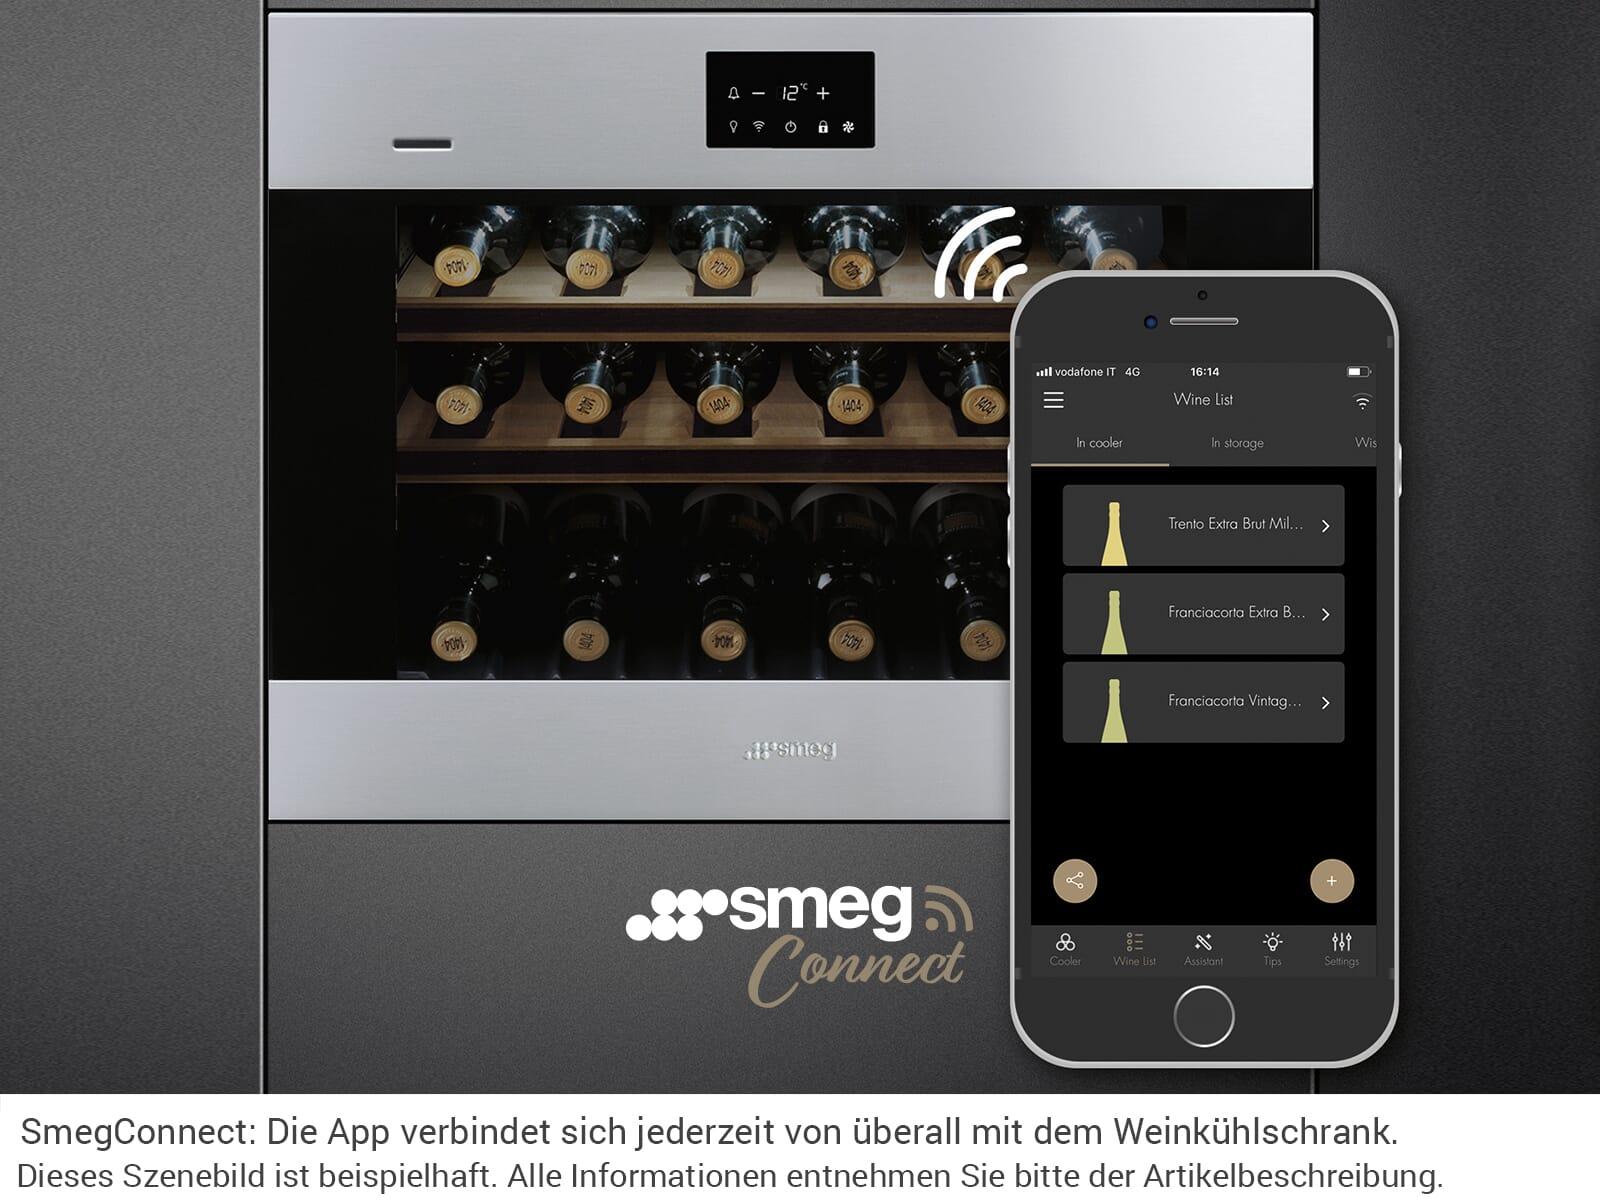 Smeg CVI318LWX2 Einbau Weinkühlschrank Weinklimaschrank Schwarzglas/Edelstahl